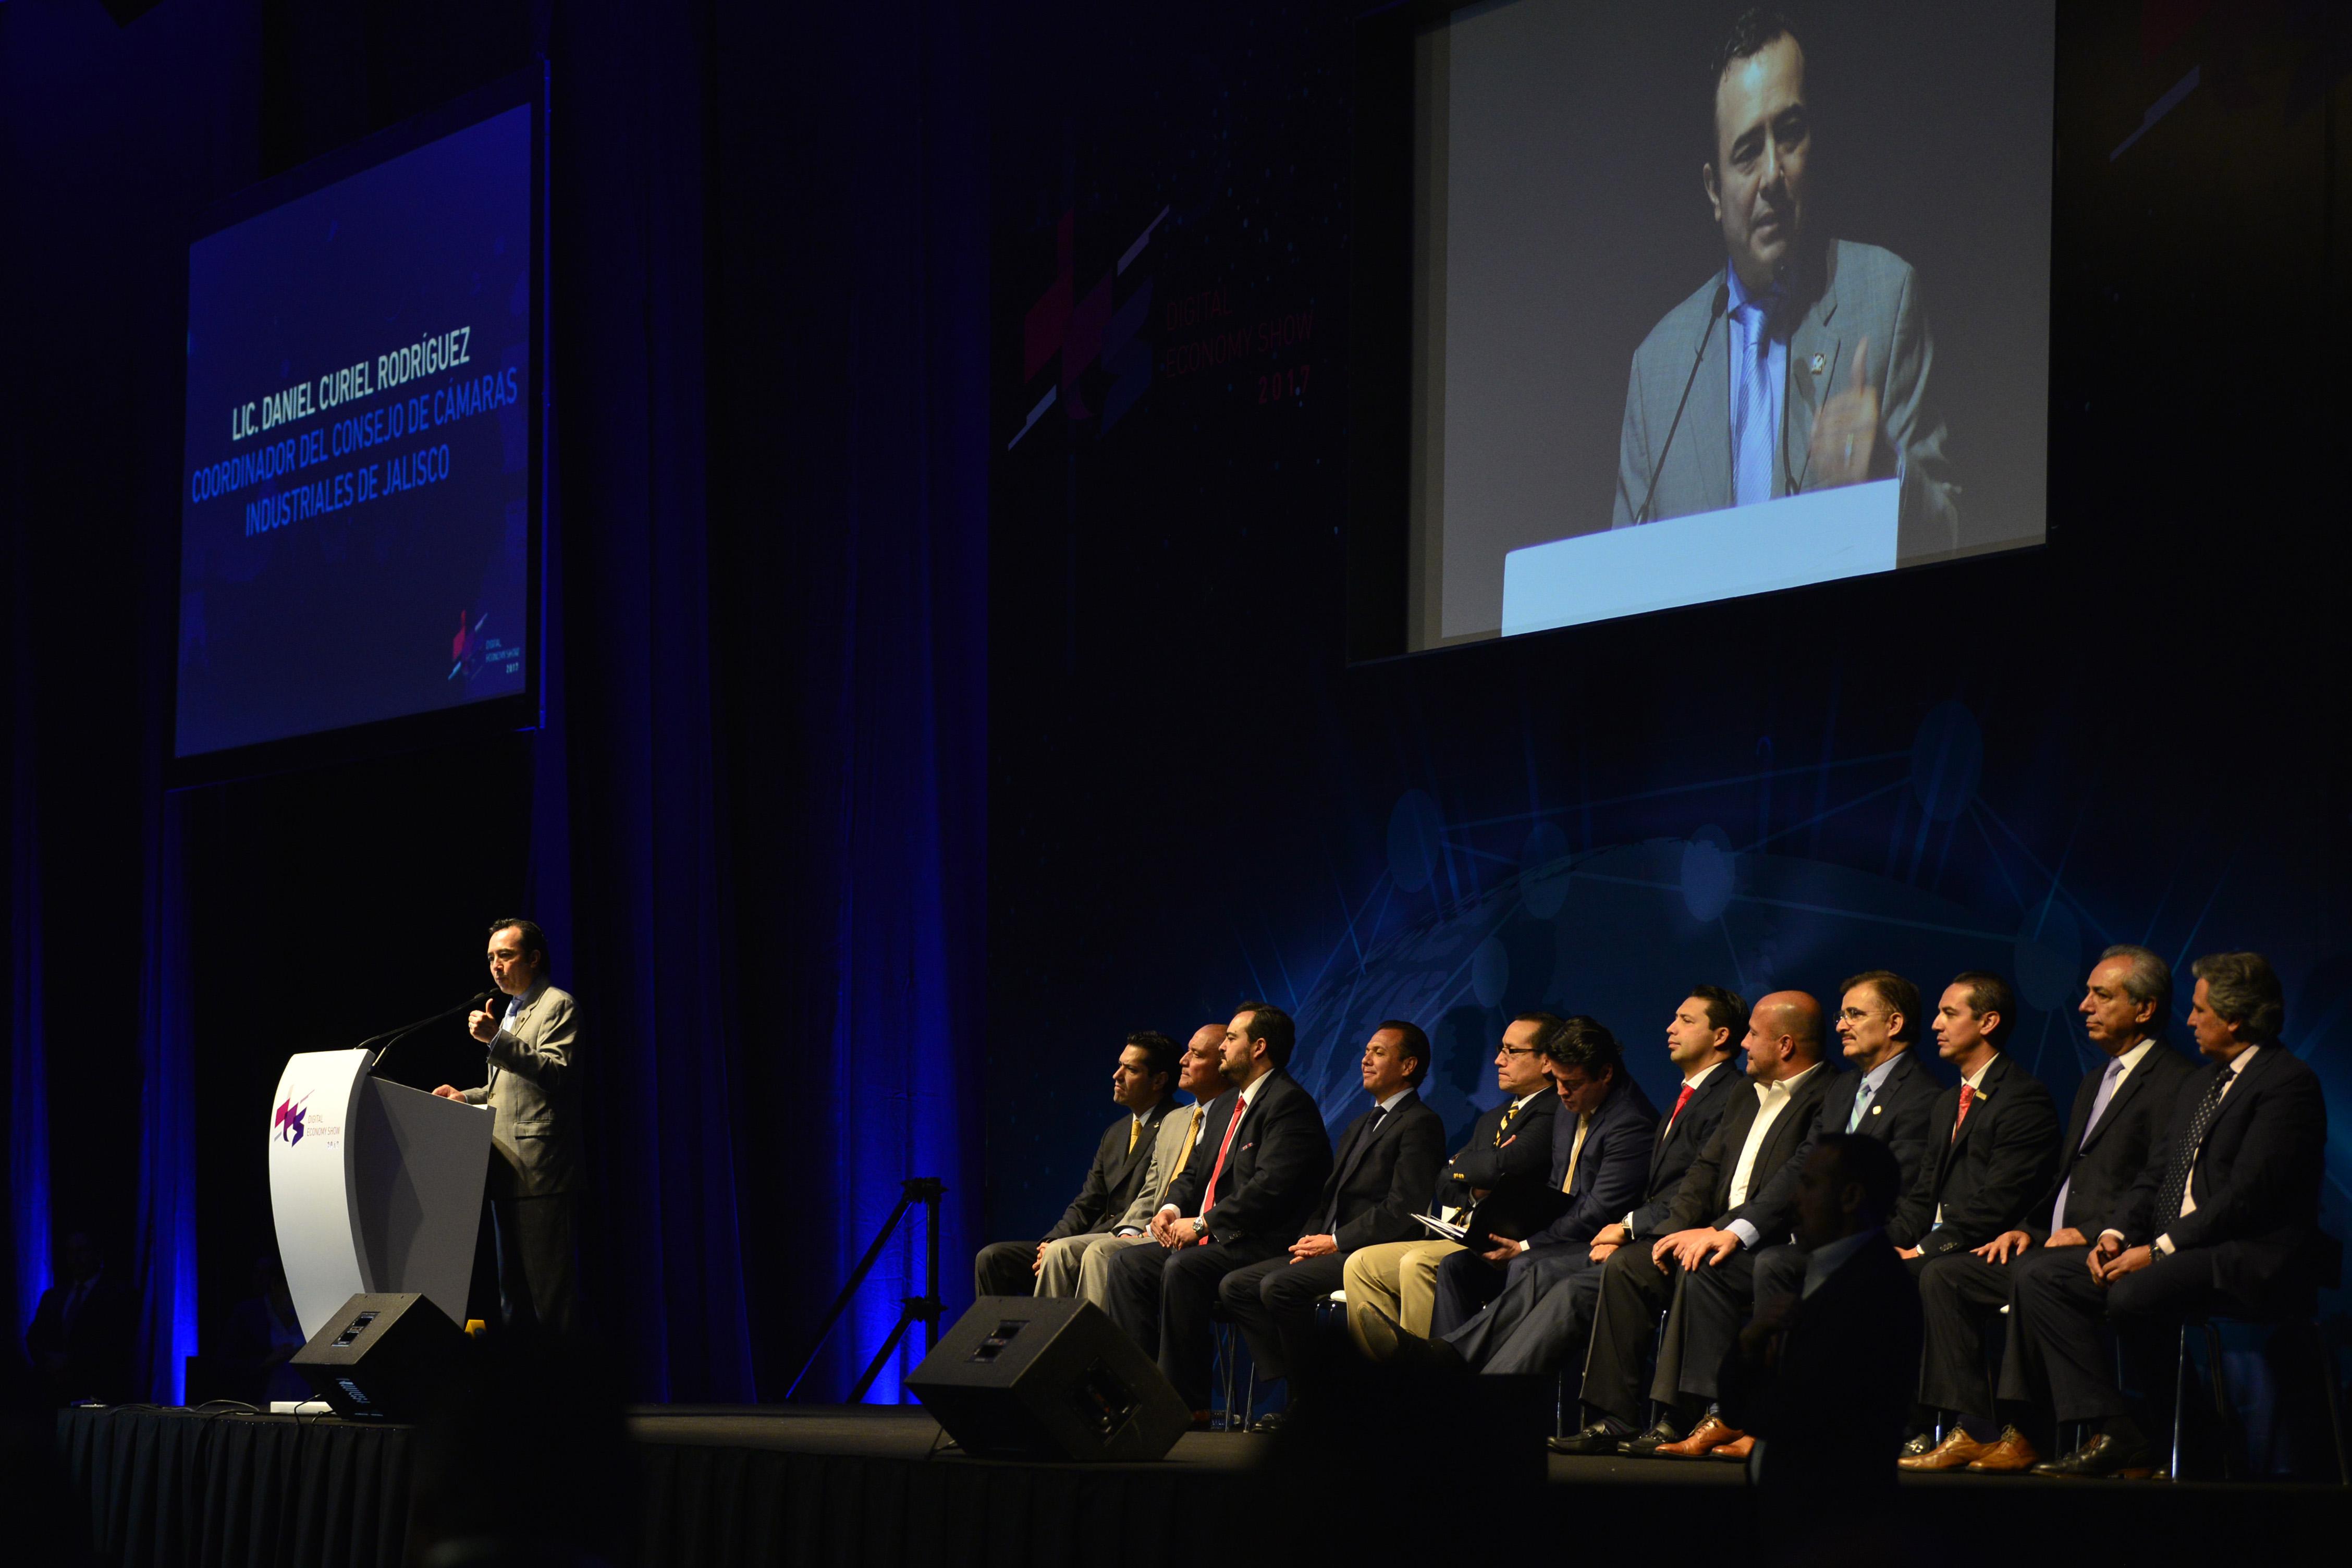 Licenciado Daniel Curiel Rodríguez, coordinador del Consejo de Cámaras Industriales de Jalisco, haciendo uso de la palabra.